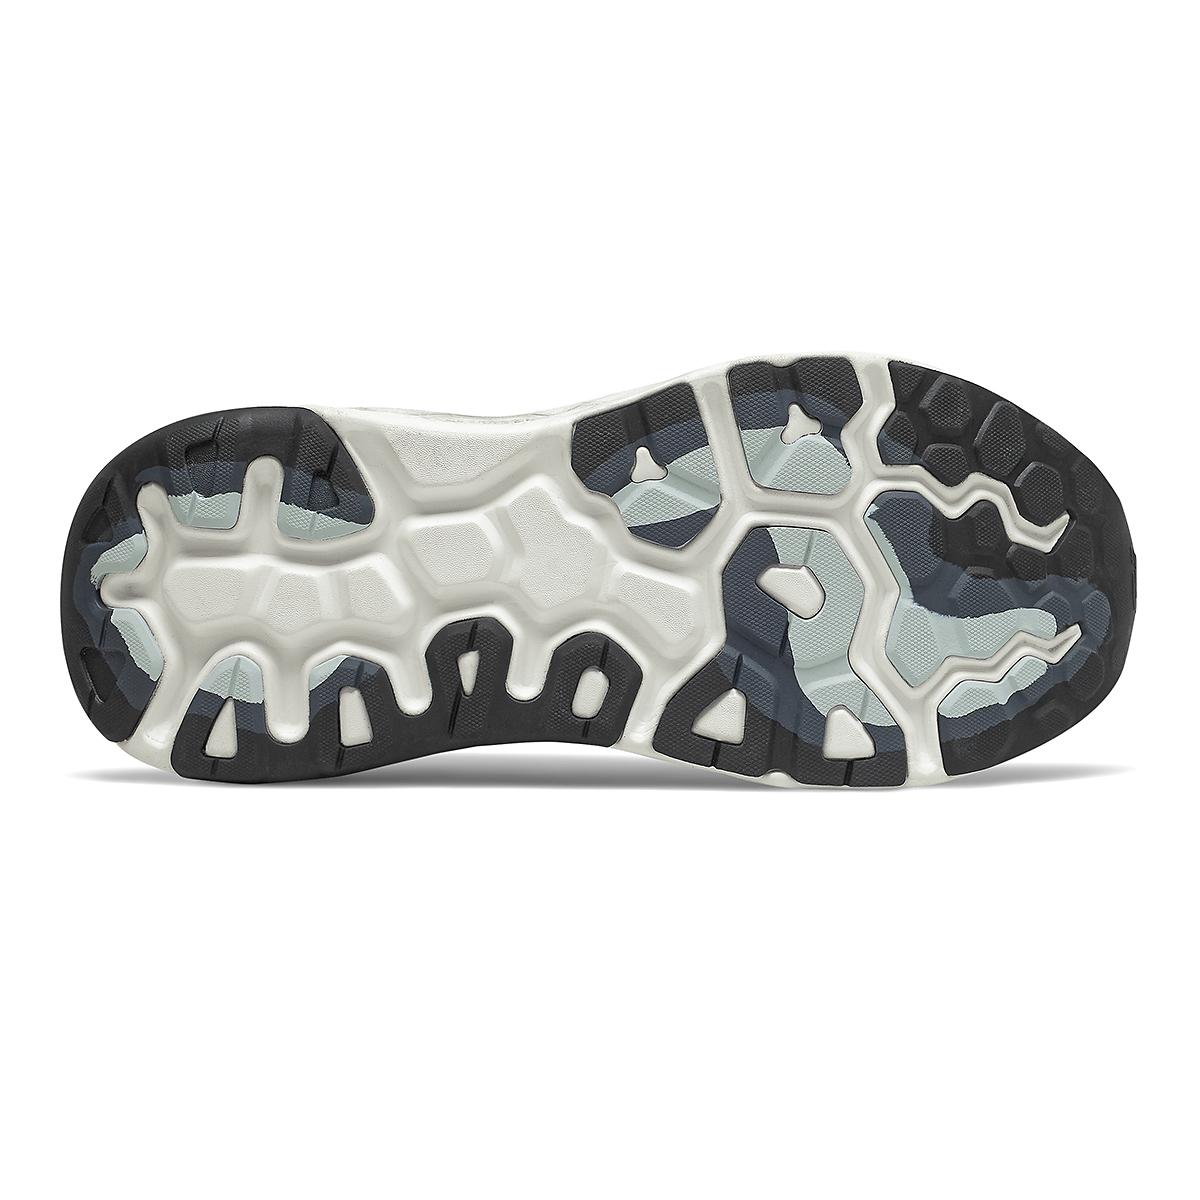 Men's New Balance Fresh Foam More V3 Running Shoe - Color: Black/Magnet - Size: 7 - Width: Wide, Black/Magnet, large, image 4